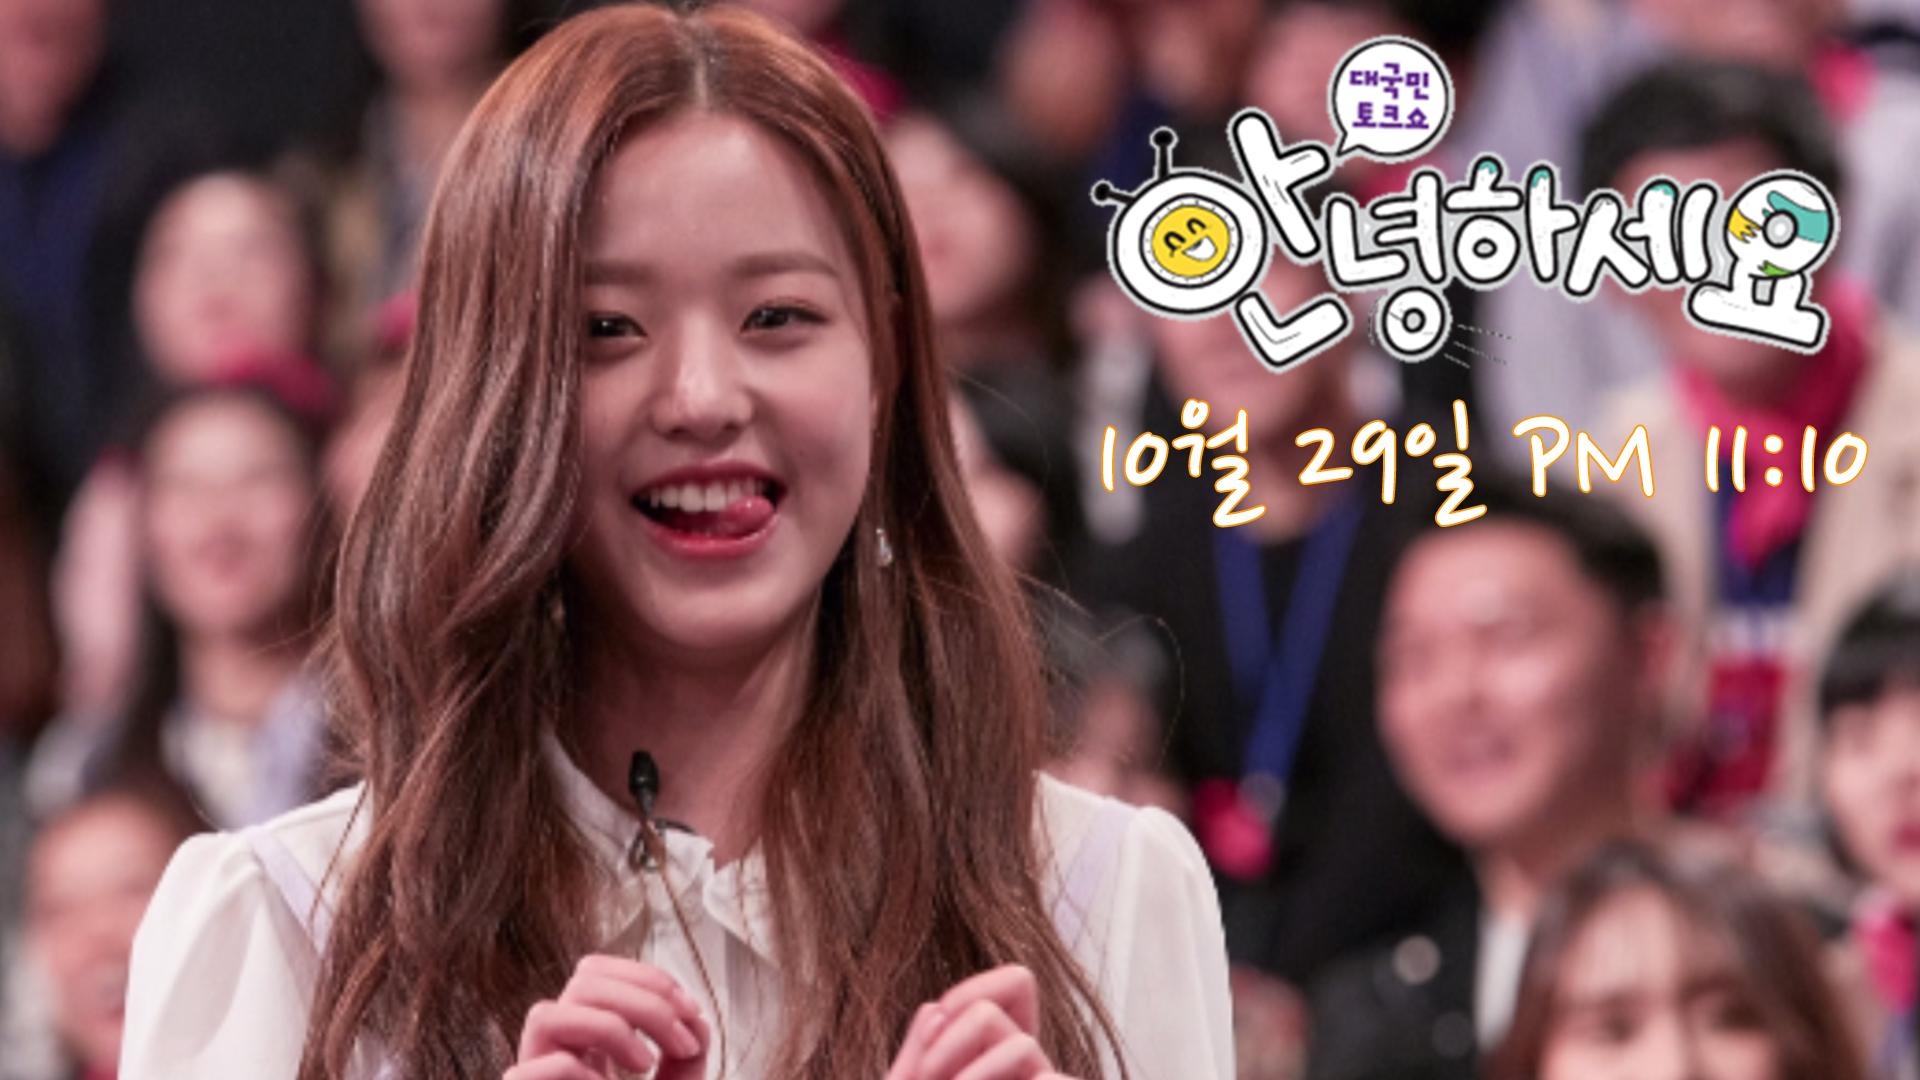 [안녕하세요] 아이즈원 원영x예나 깜짝 비하인드 선공개! 오늘밤 11:10 함께 해요☆